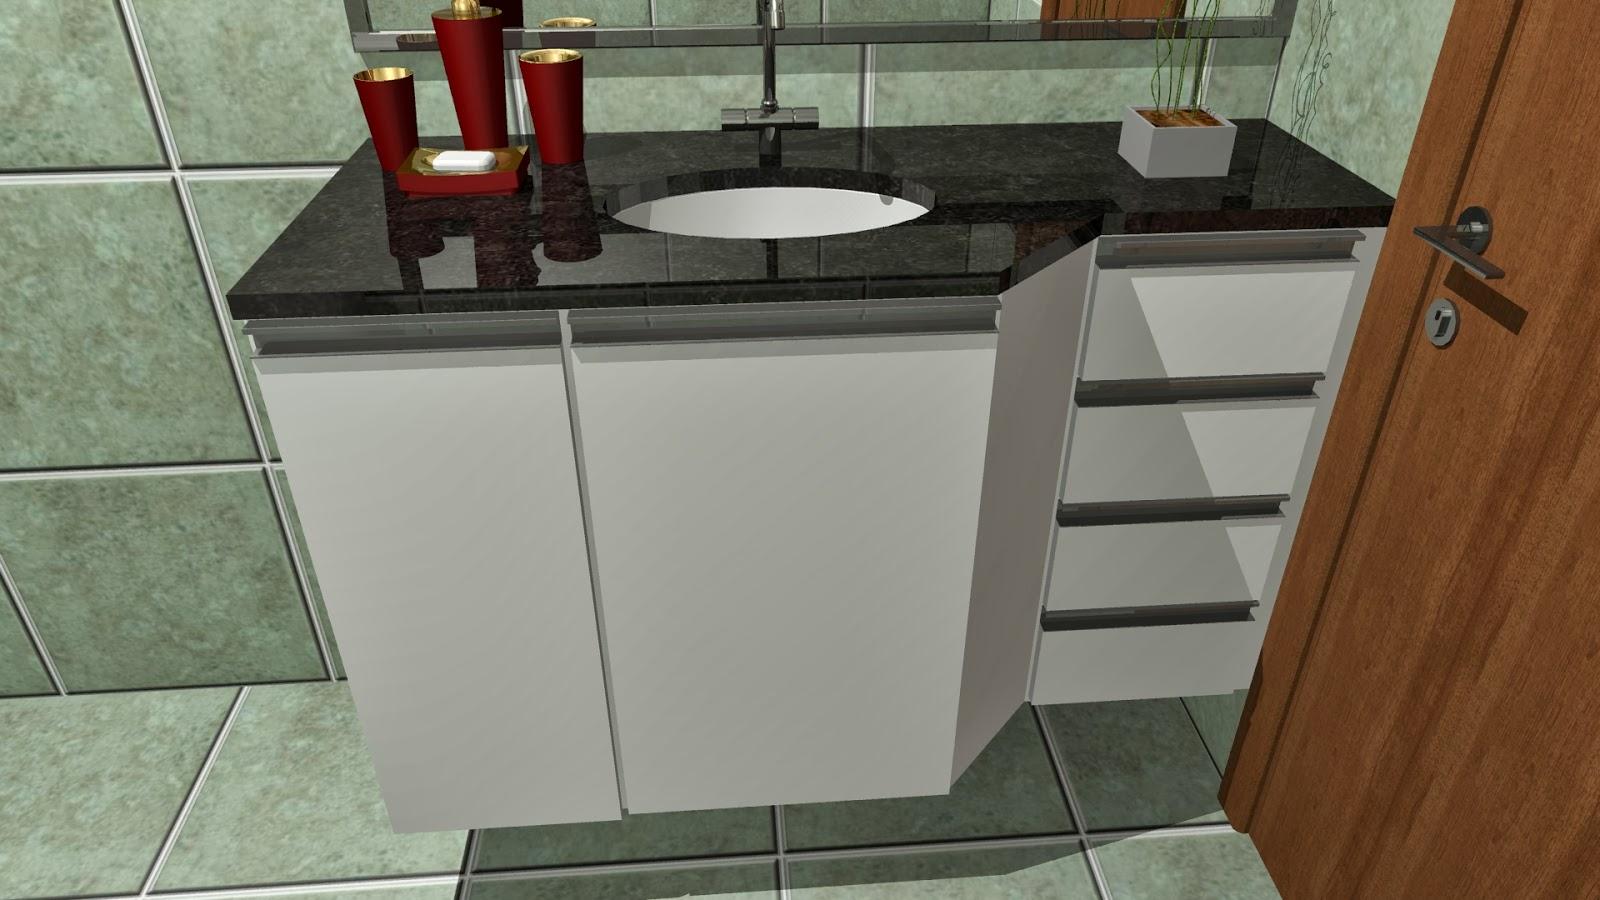 #6B3F21 Mais um projeto fechado agora uma cozinha e dois banheiros diferentes  1600x900 px Projeto De Cozinha Com Banheiro #2827 imagens